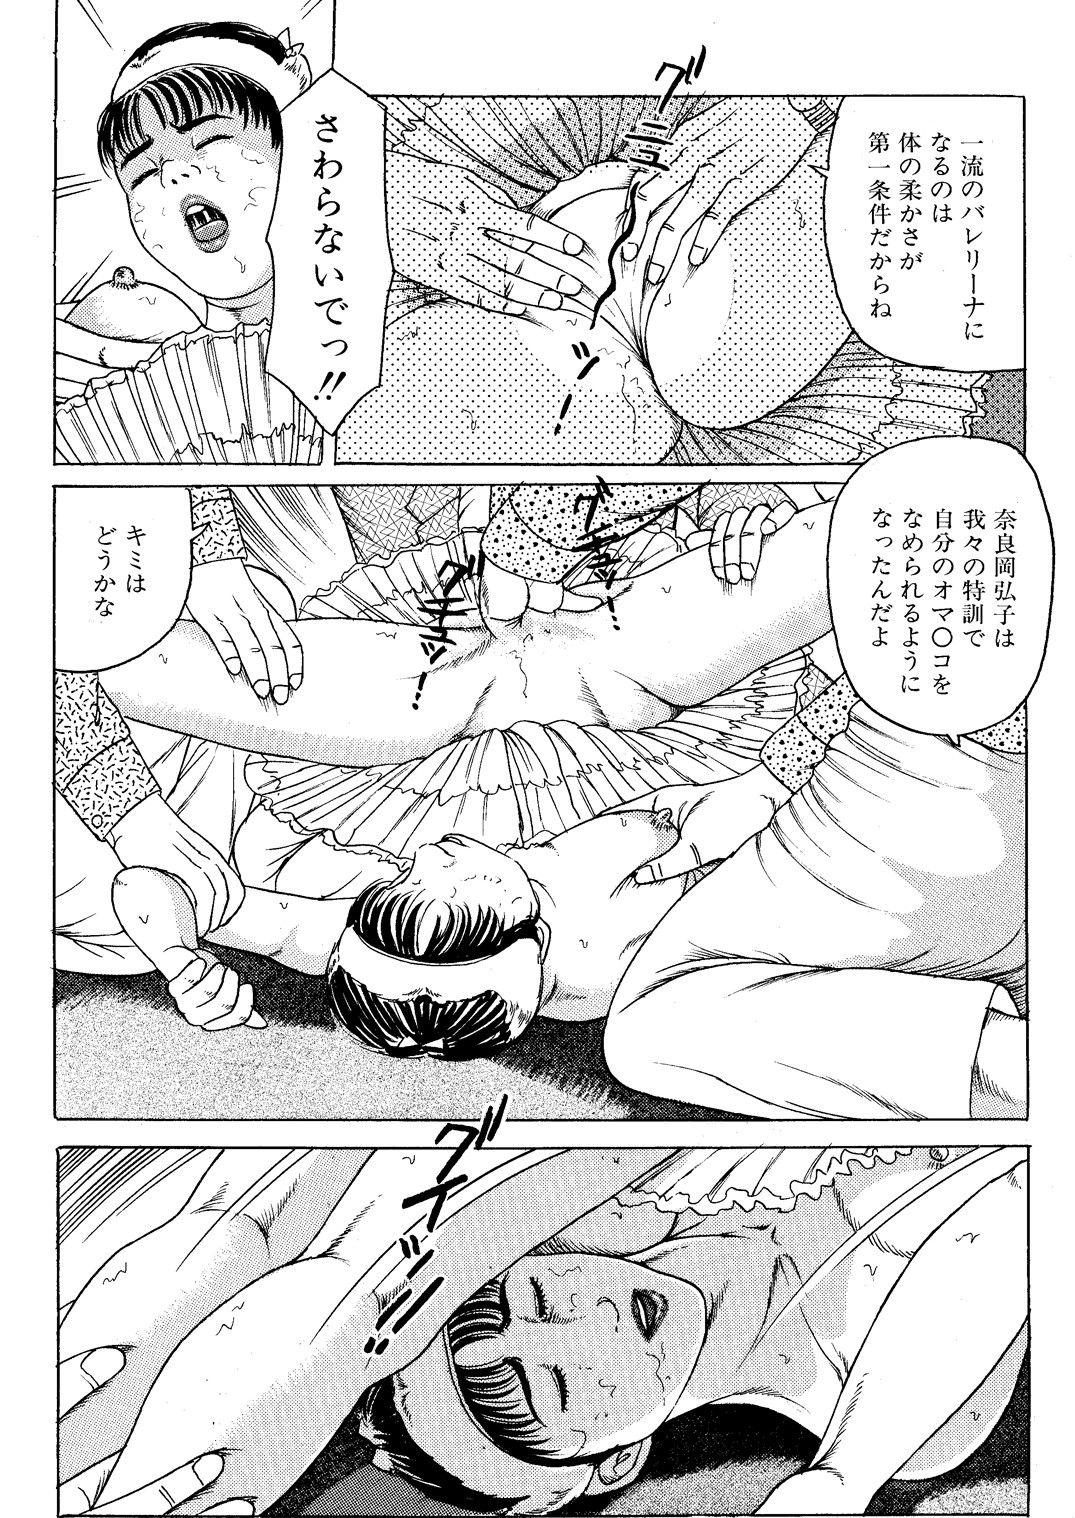 AVアニメなう [今すぐ読める同人サンプル] 「白鳥狂走曲」(角雨和八(つのあめかずや))